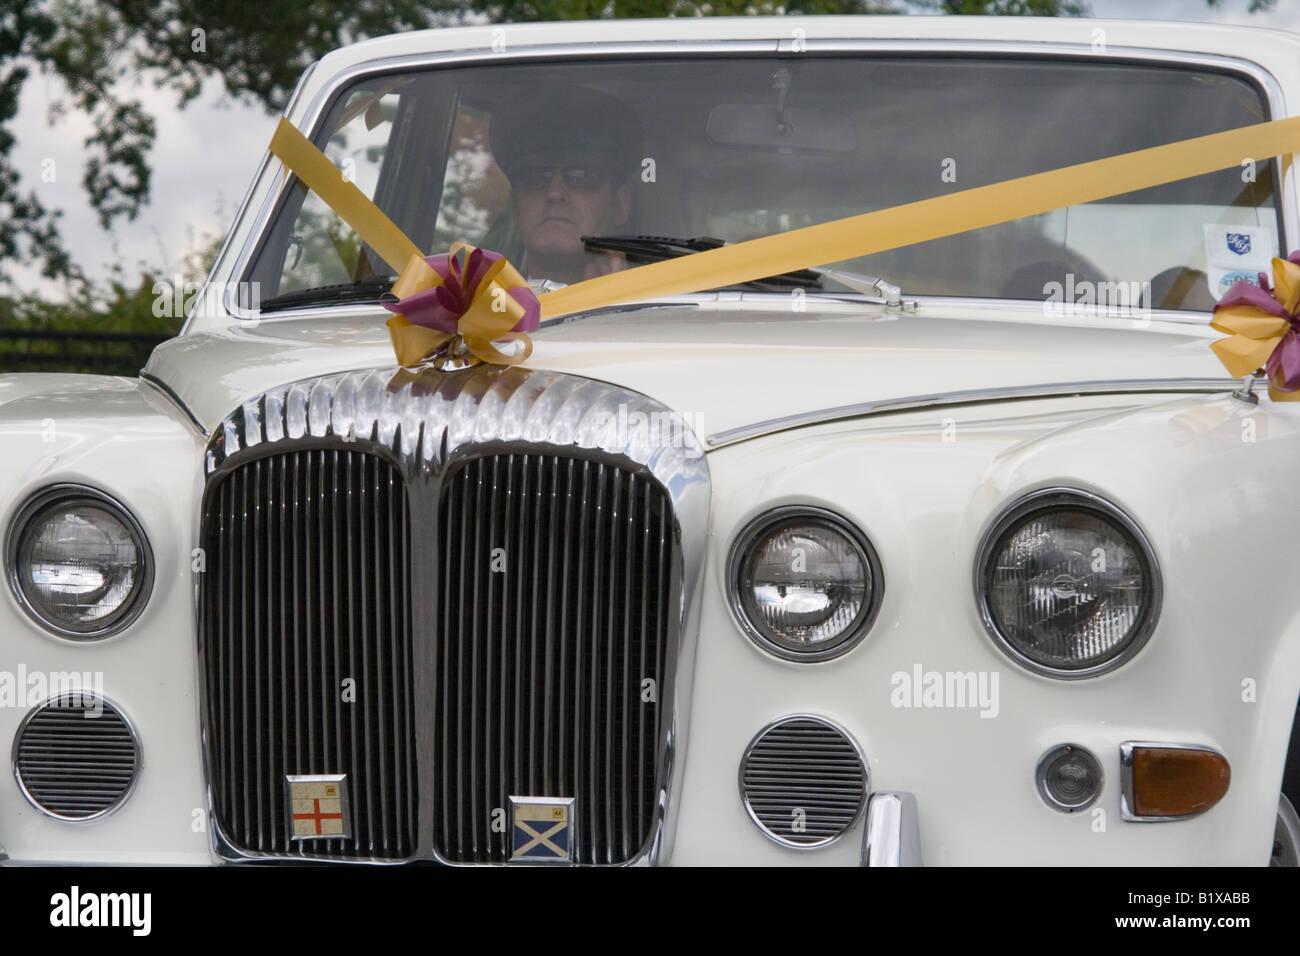 Vor Der Hochzeit Auto Weissen Bentley Mit Hochzeit Bander Und Blumen